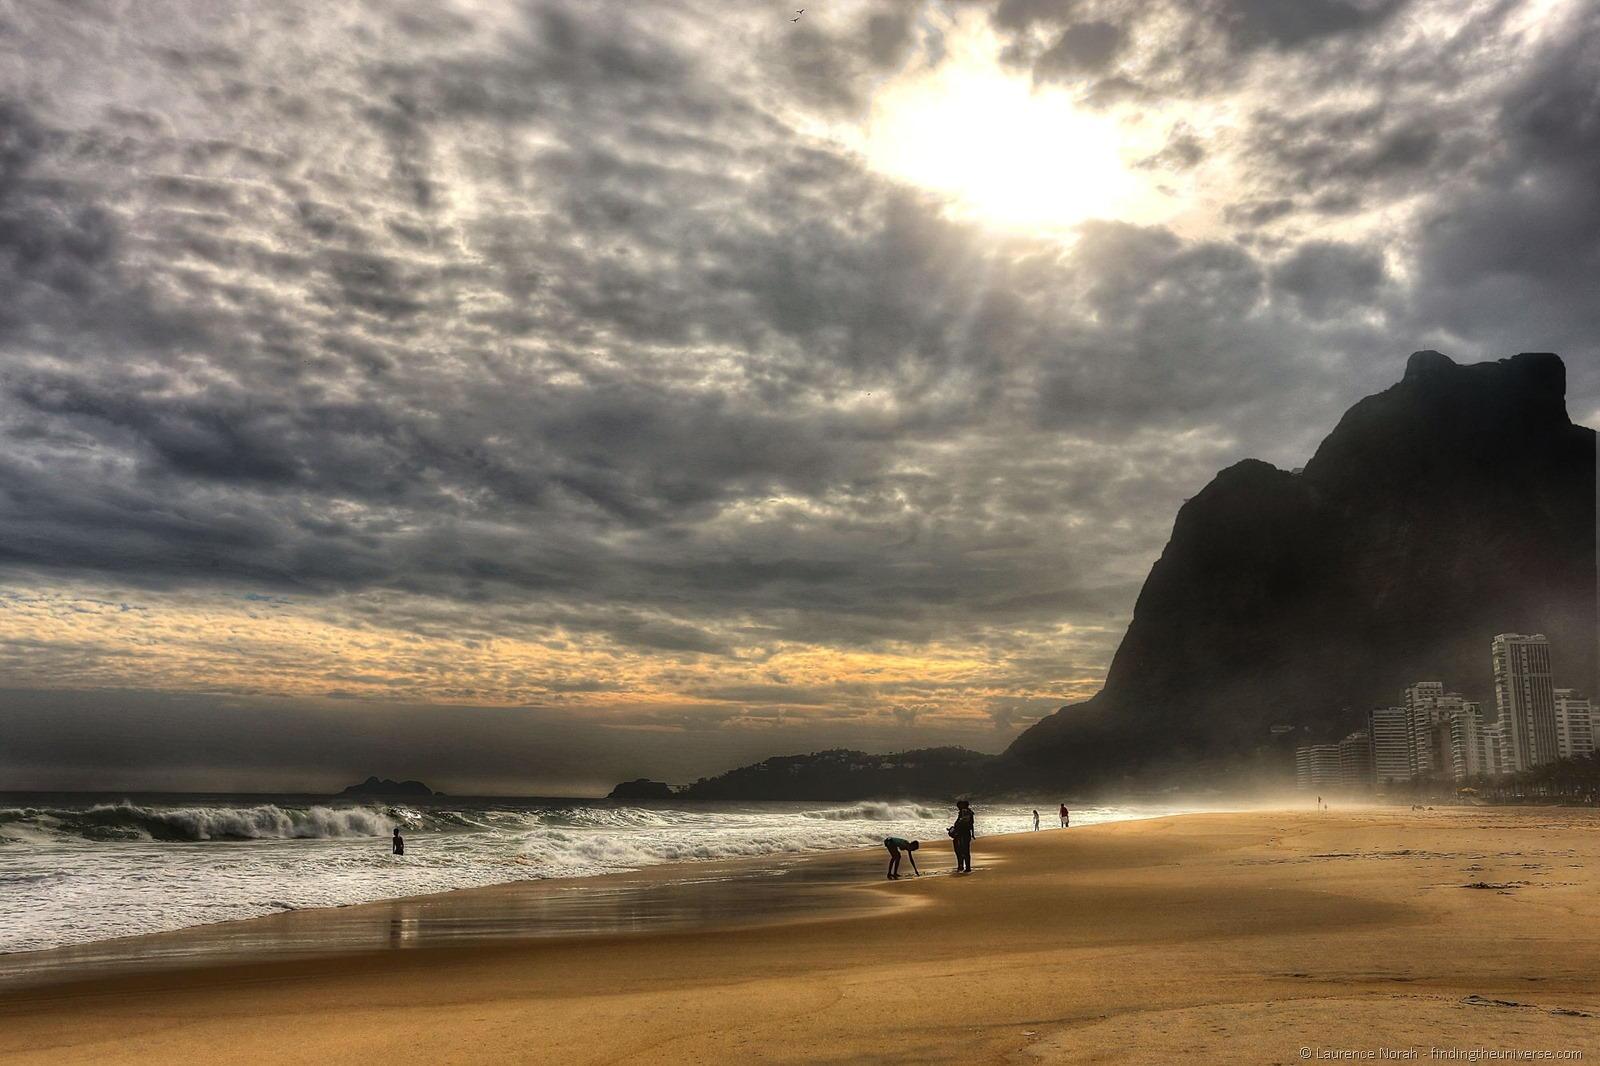 Spiaggia CONRADO Rio Brasile Sao 2 scalata